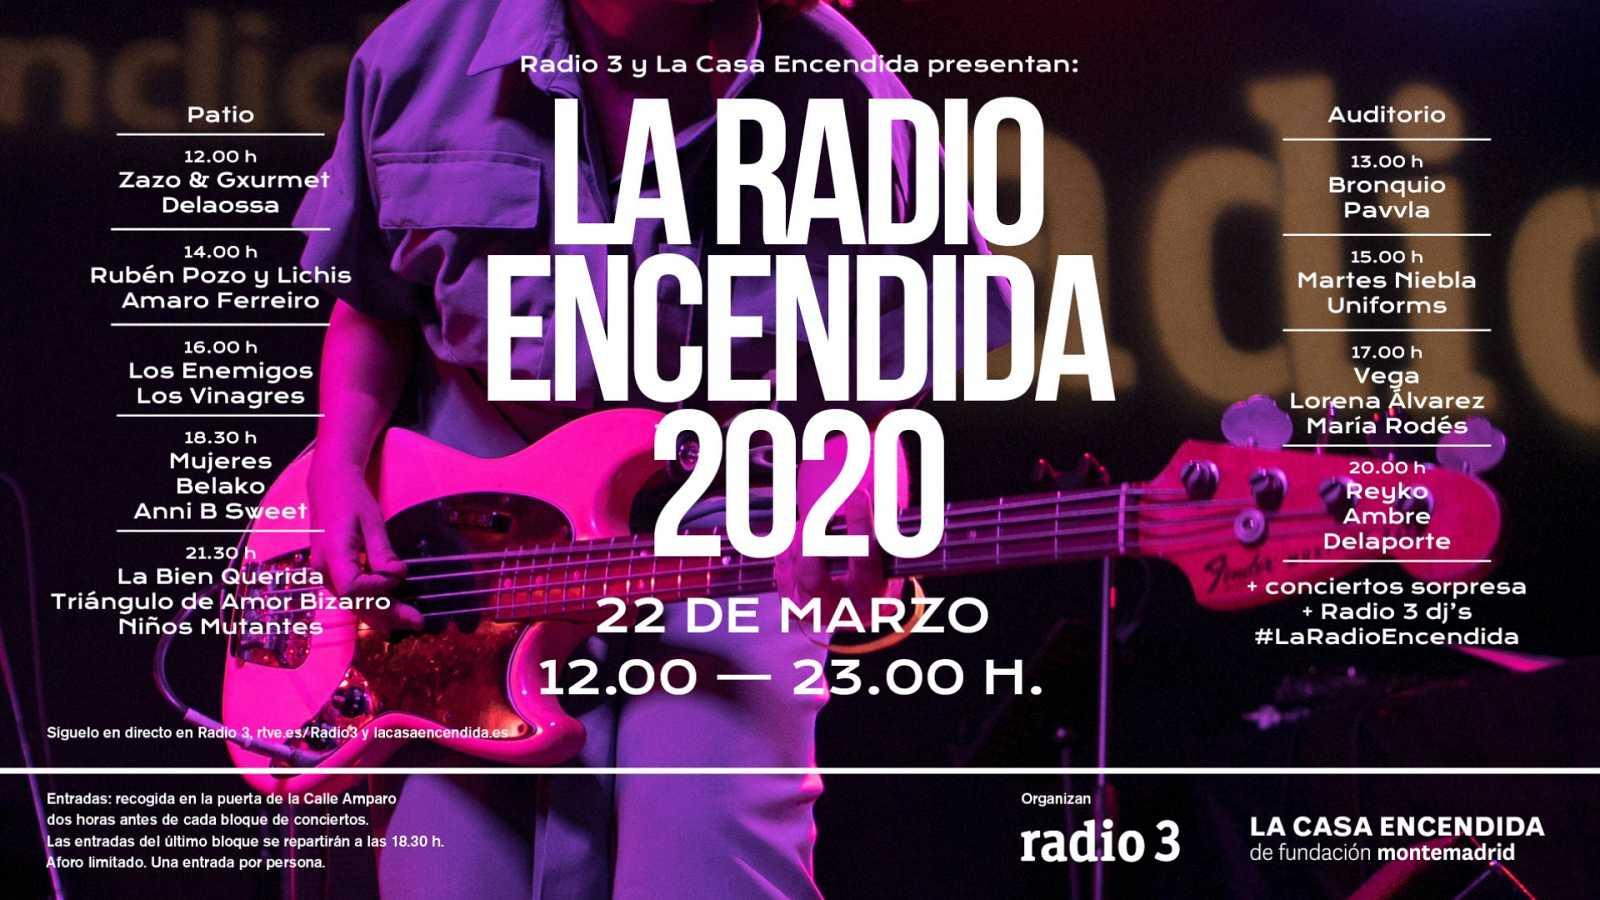 la radio encendida cartel 2020